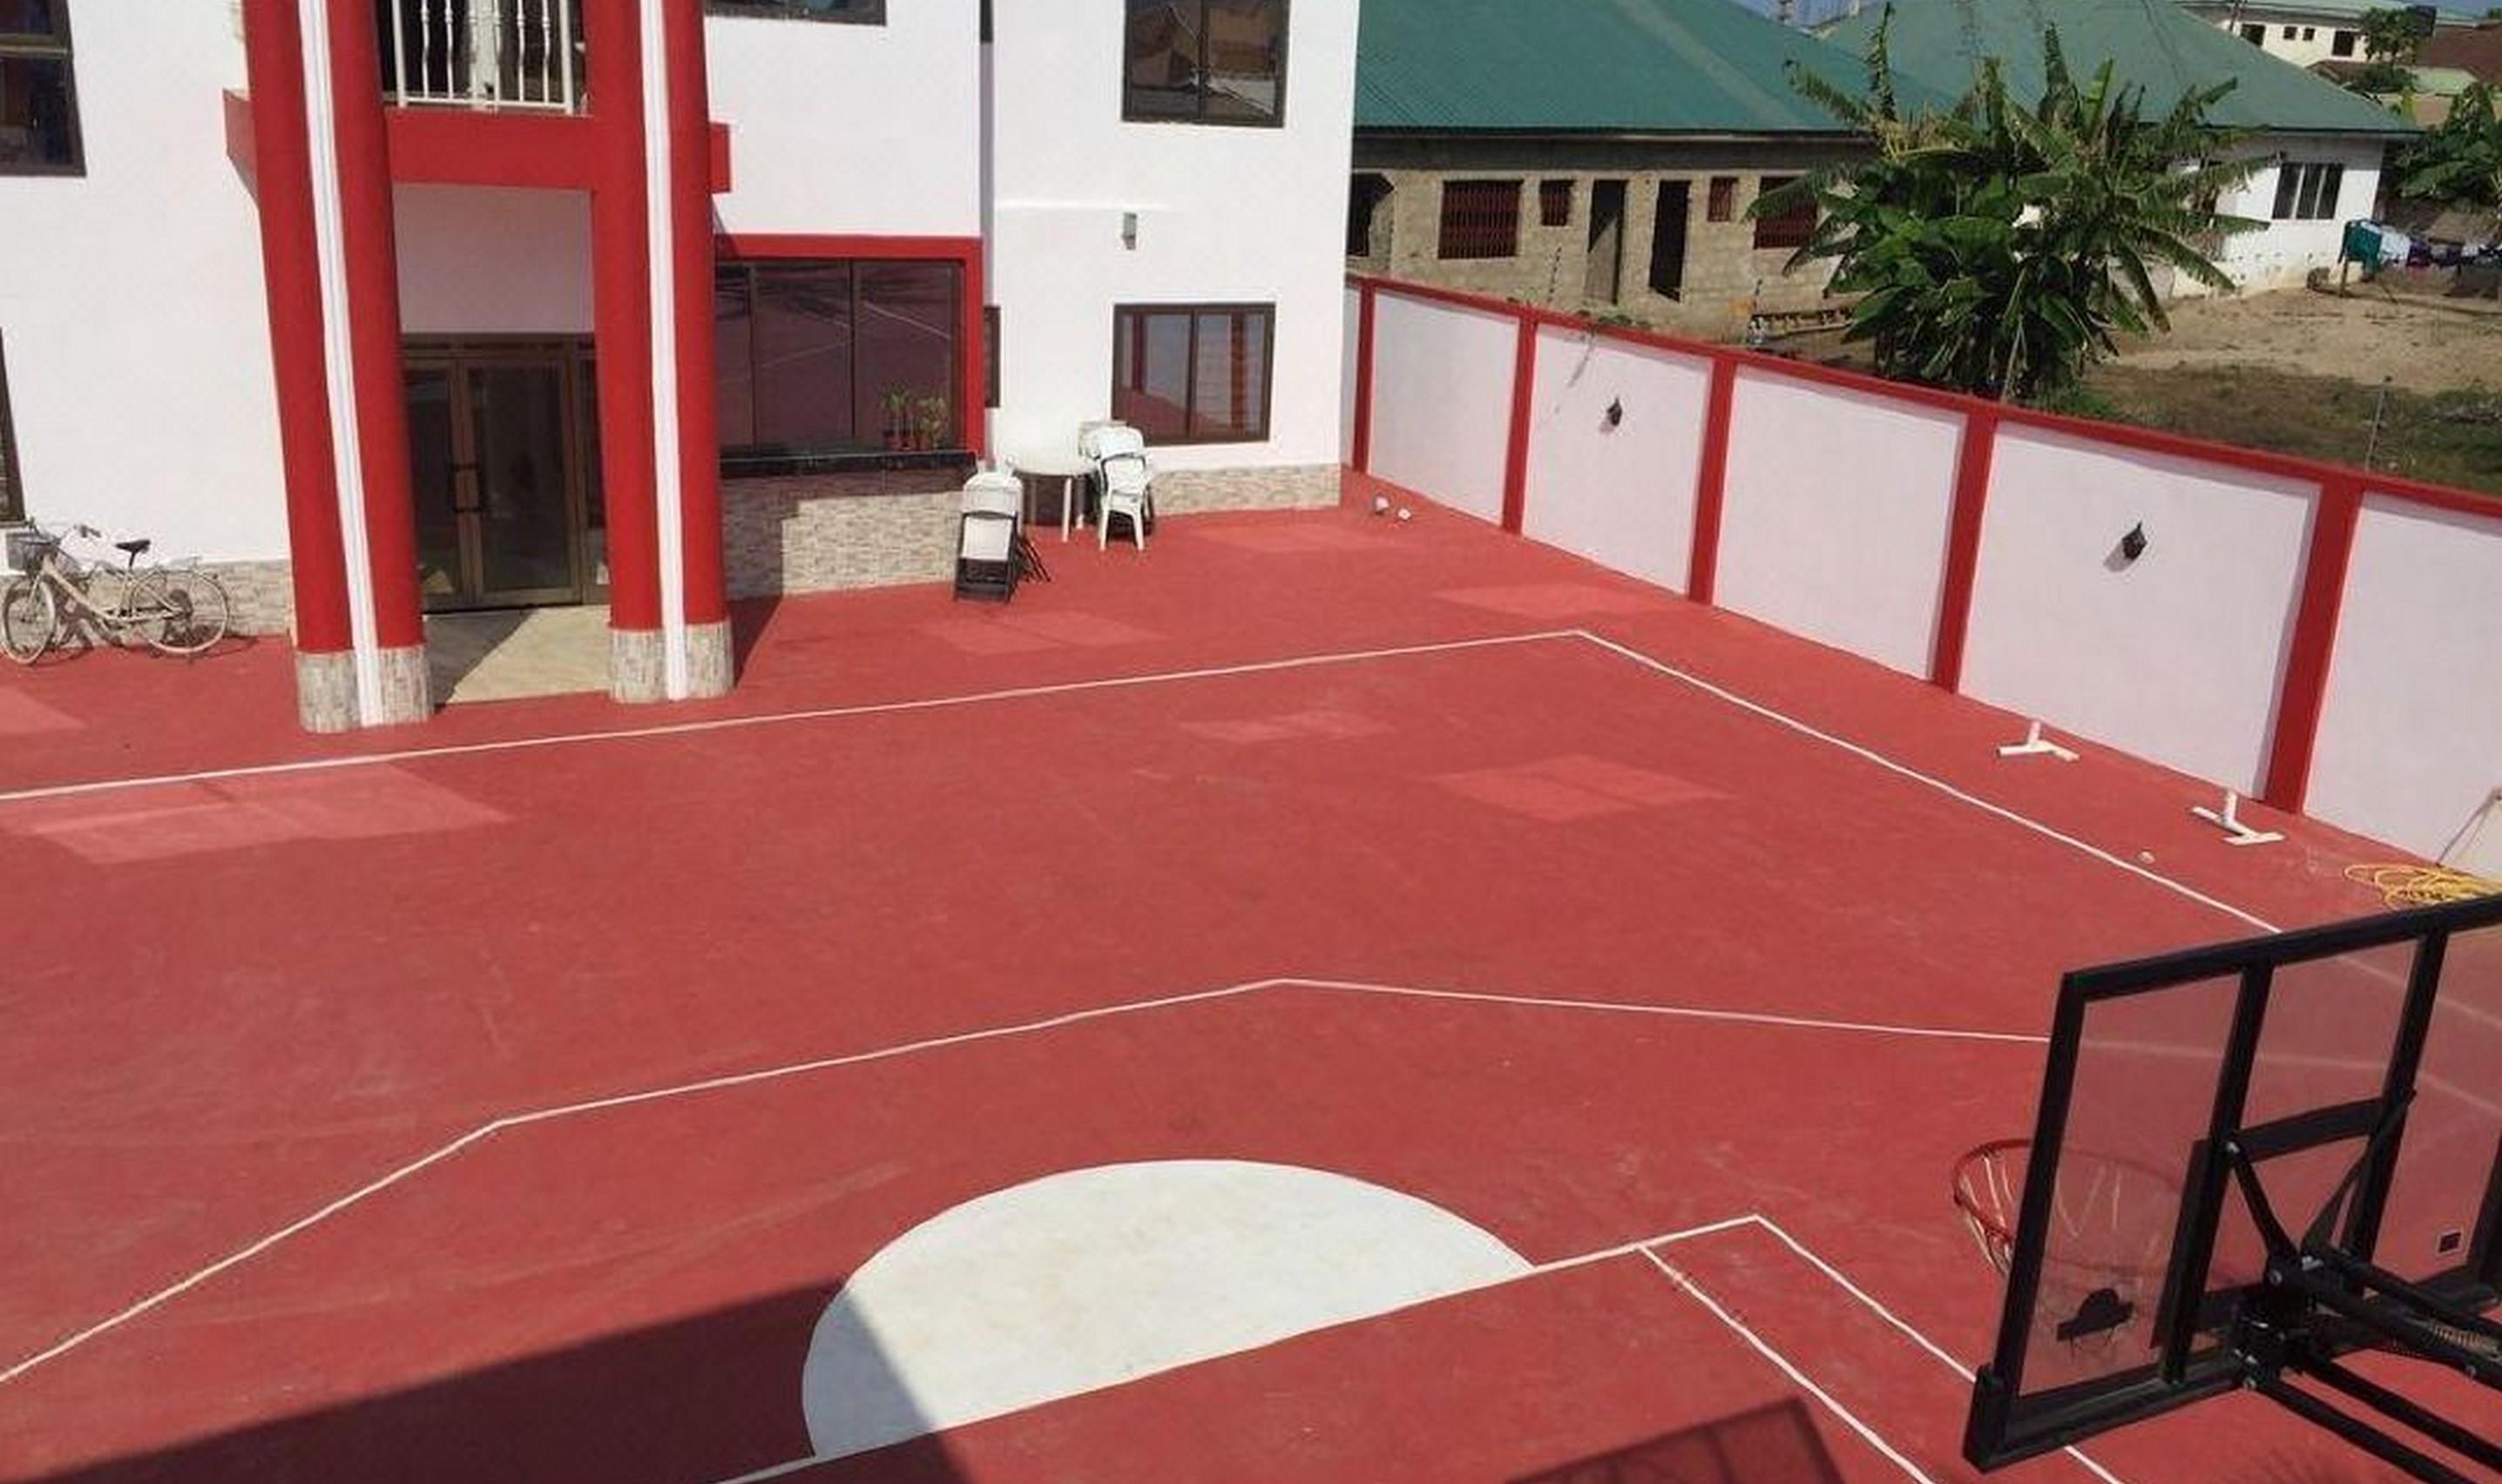 Rasta Tees Place, Prasidentenwohnung  in Afrika